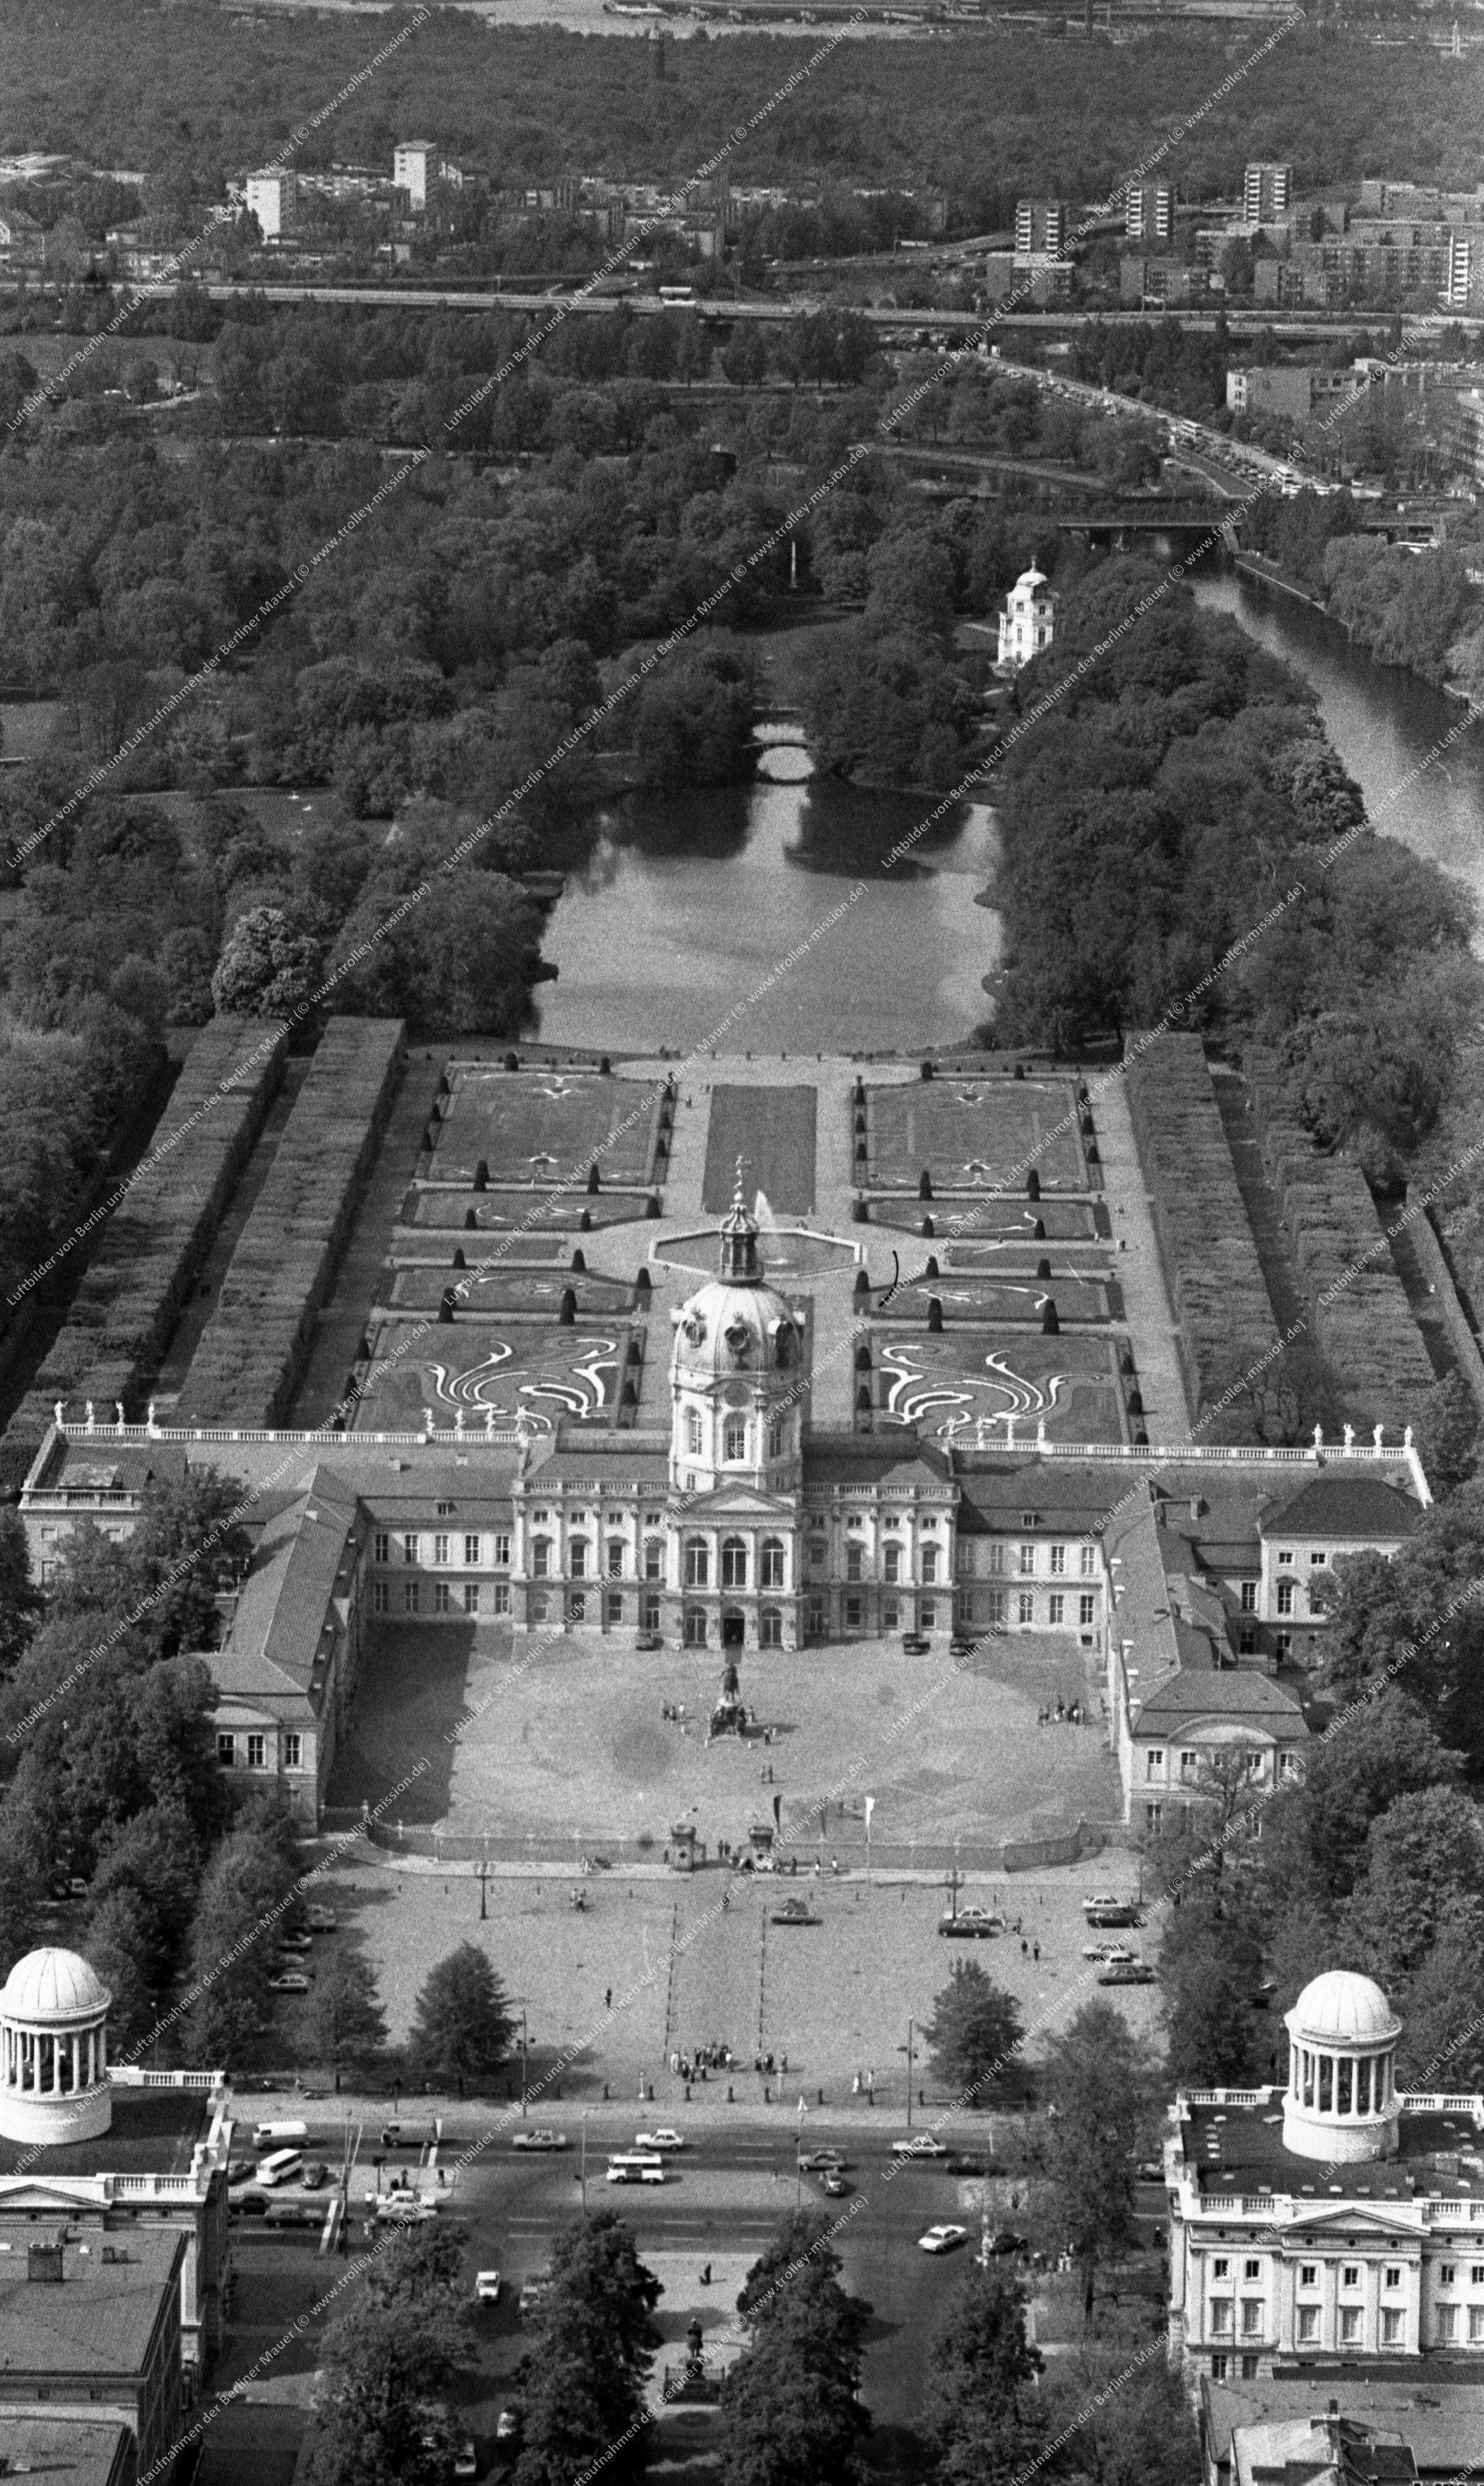 Berlin Luftbild Schloß Charlottenburg vom 12. Mai 1982 (Bild 070)